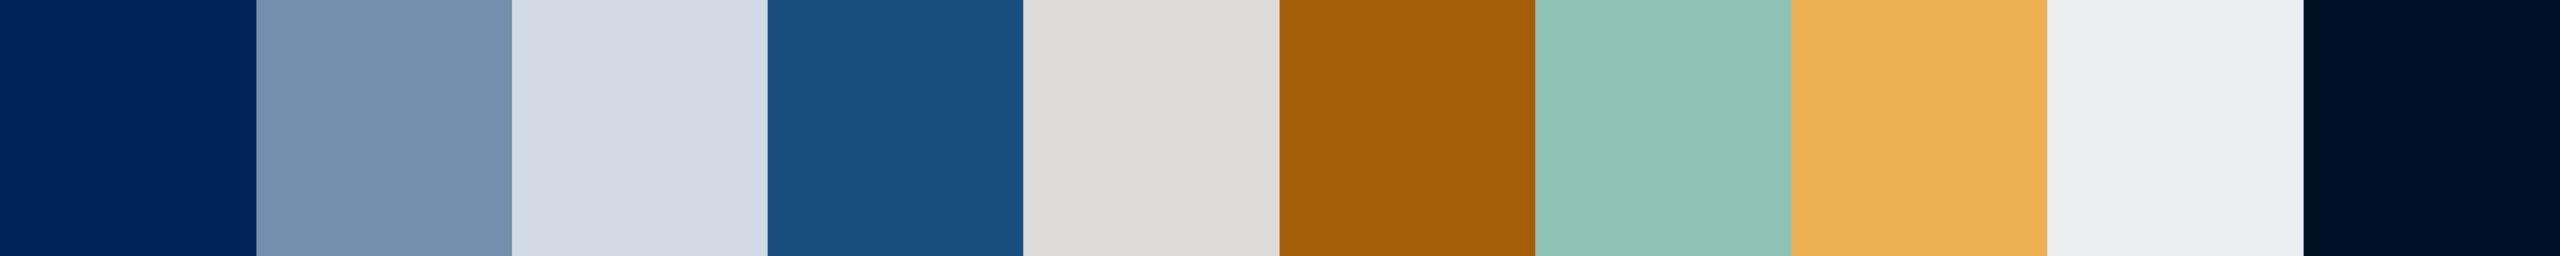 100 Wozelia Color Palette